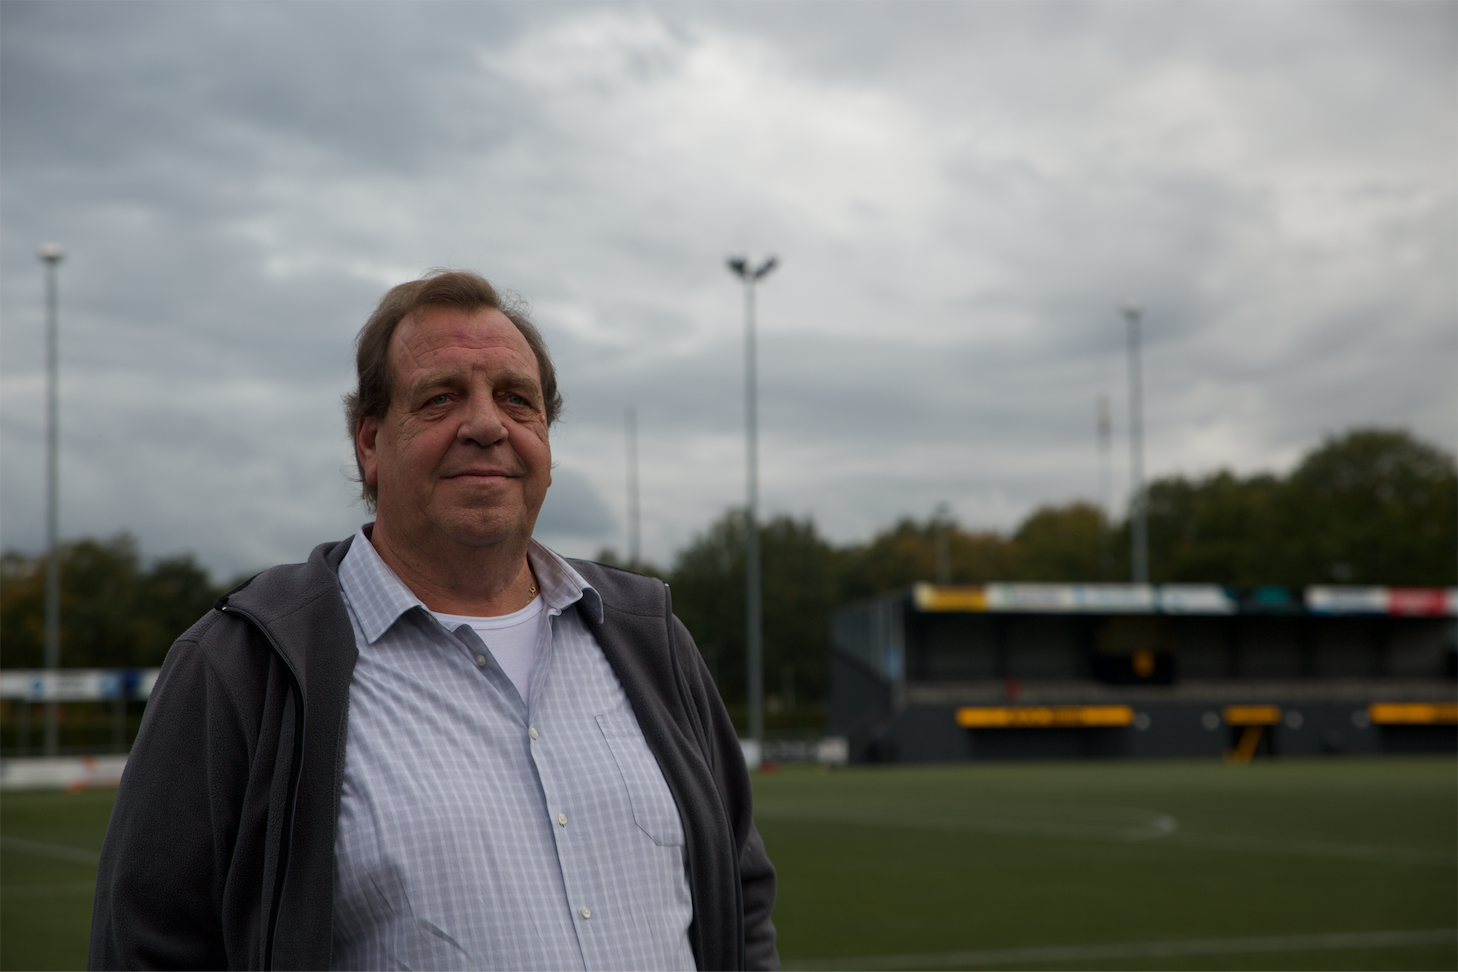 Bert bij voetbalvereniging BVV Borne